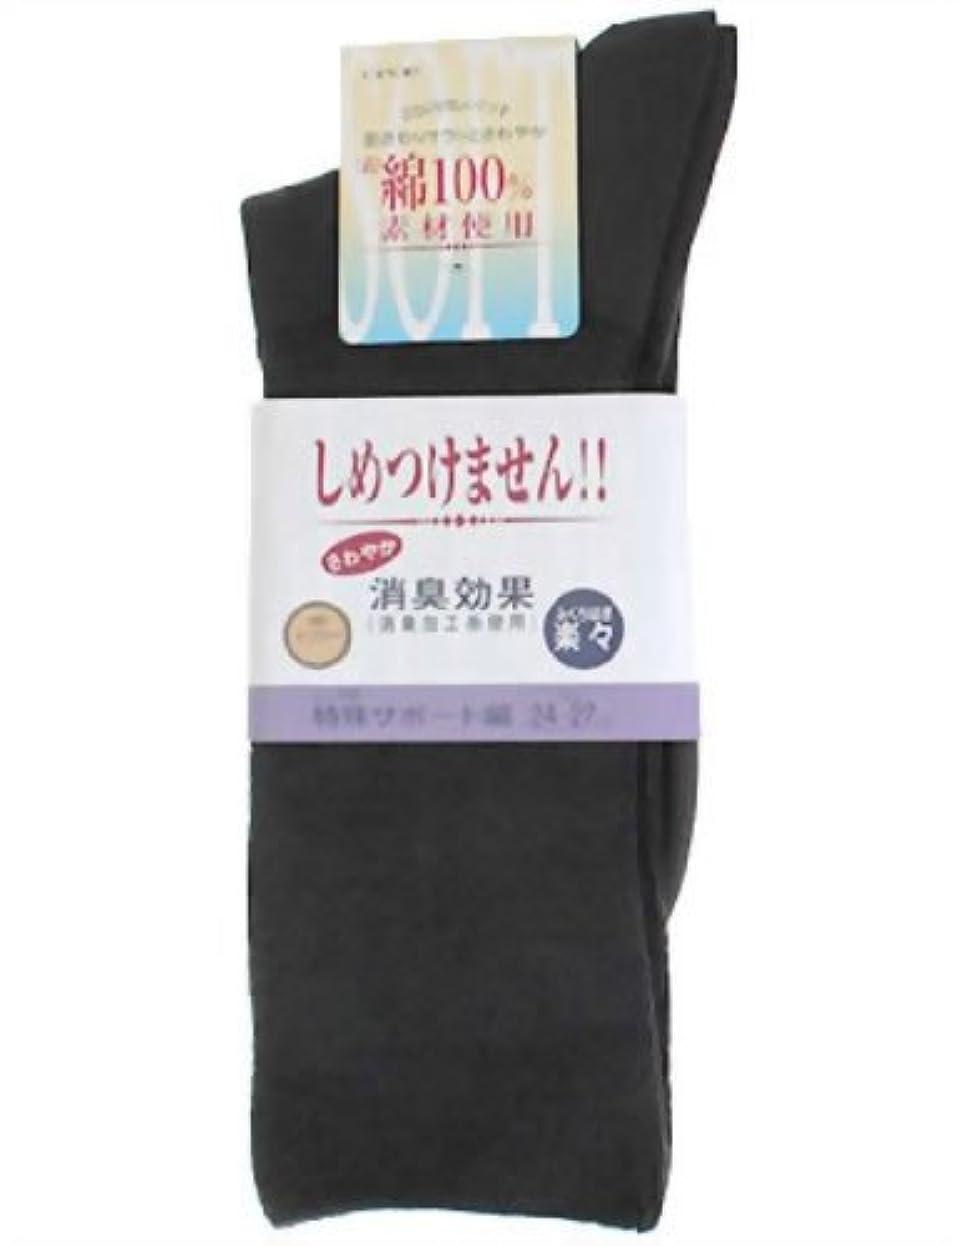 仮説エンディングダーベビルのテスコベス 紳士用 ふくらはぎ楽らくソックス(綿混) ダークグレー 24-27cm